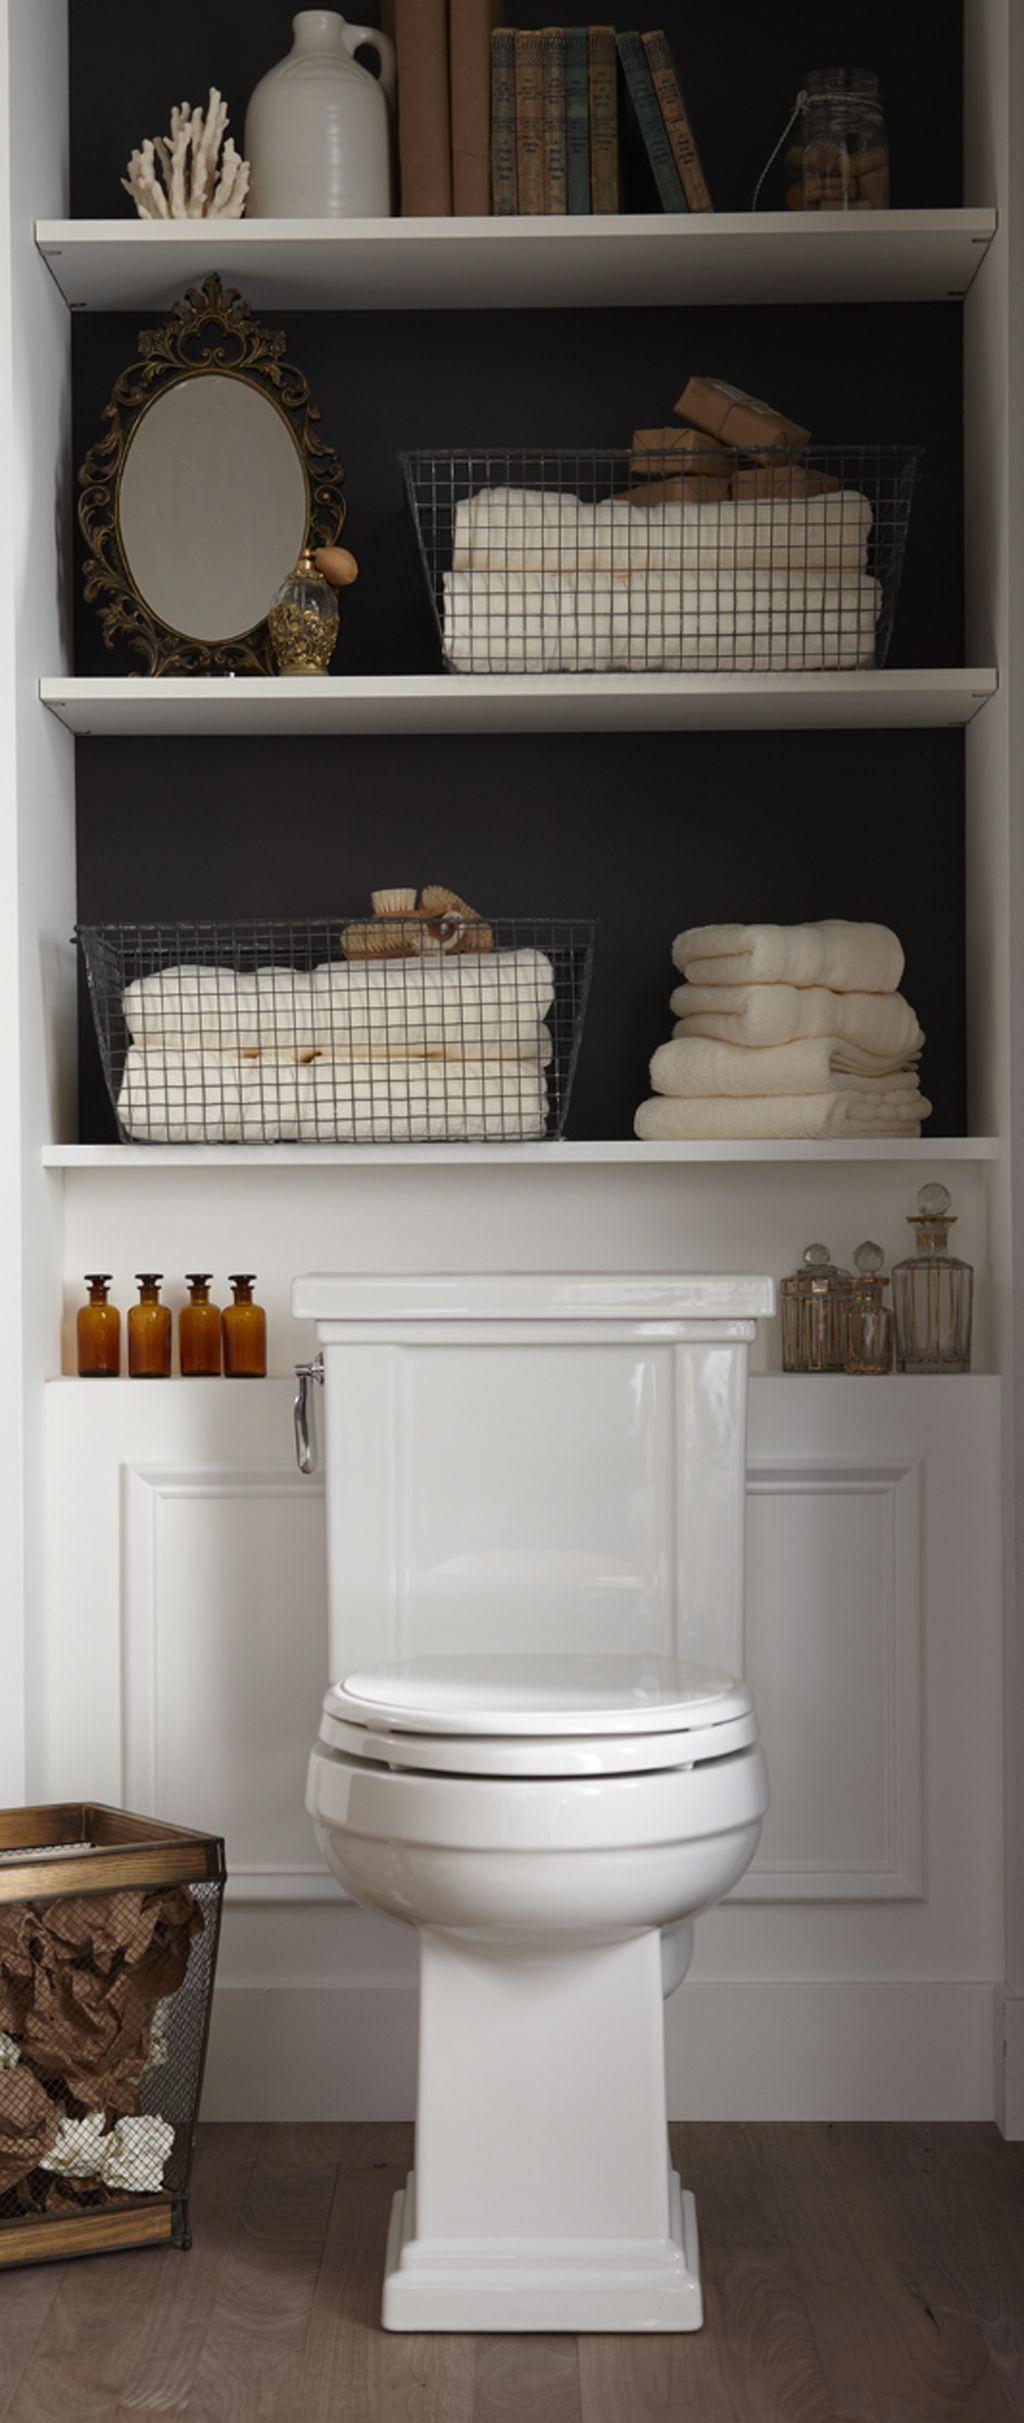 Организация пространства в ванной комнате фото 16